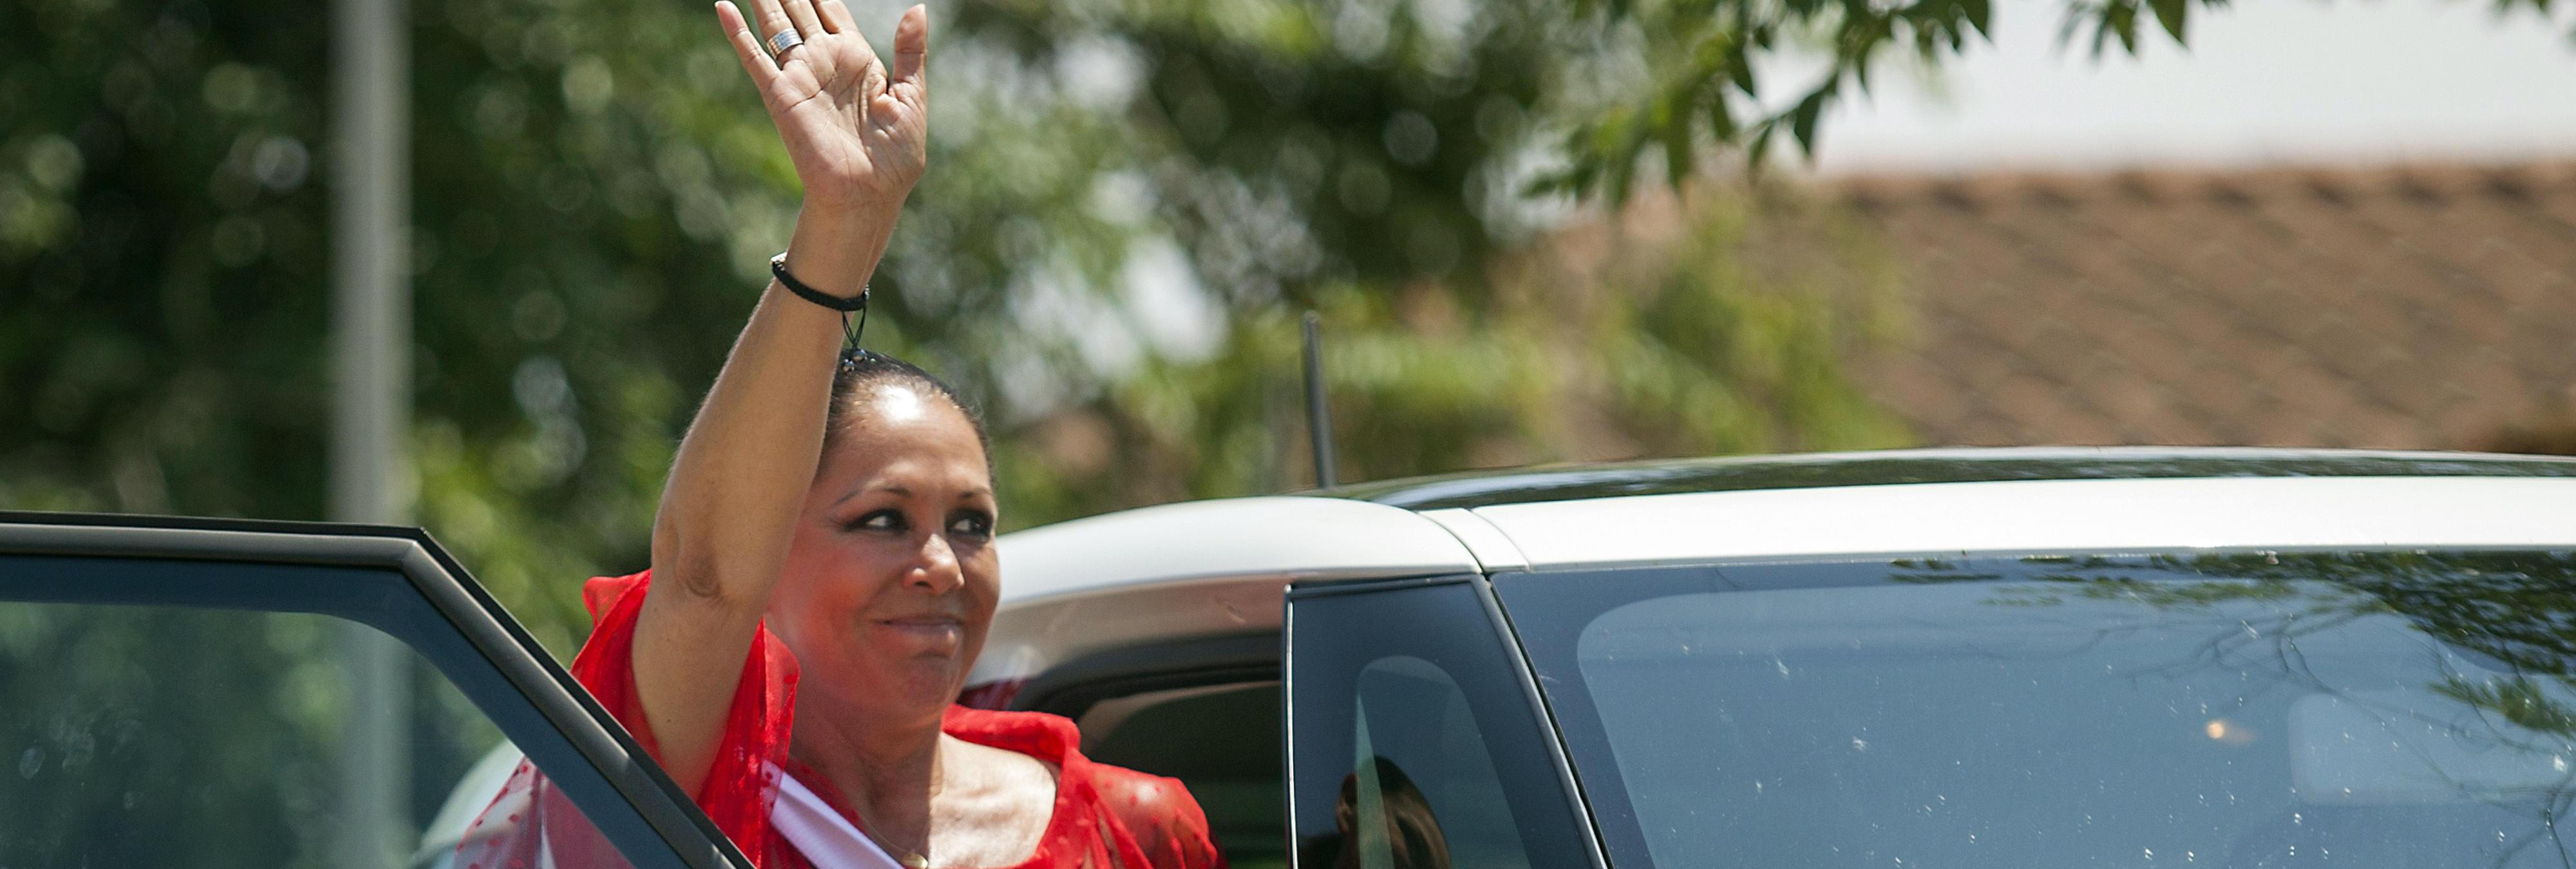 Isabel Pantoja recibe el tercer grado y disfrutará de un régimen de semilibertad